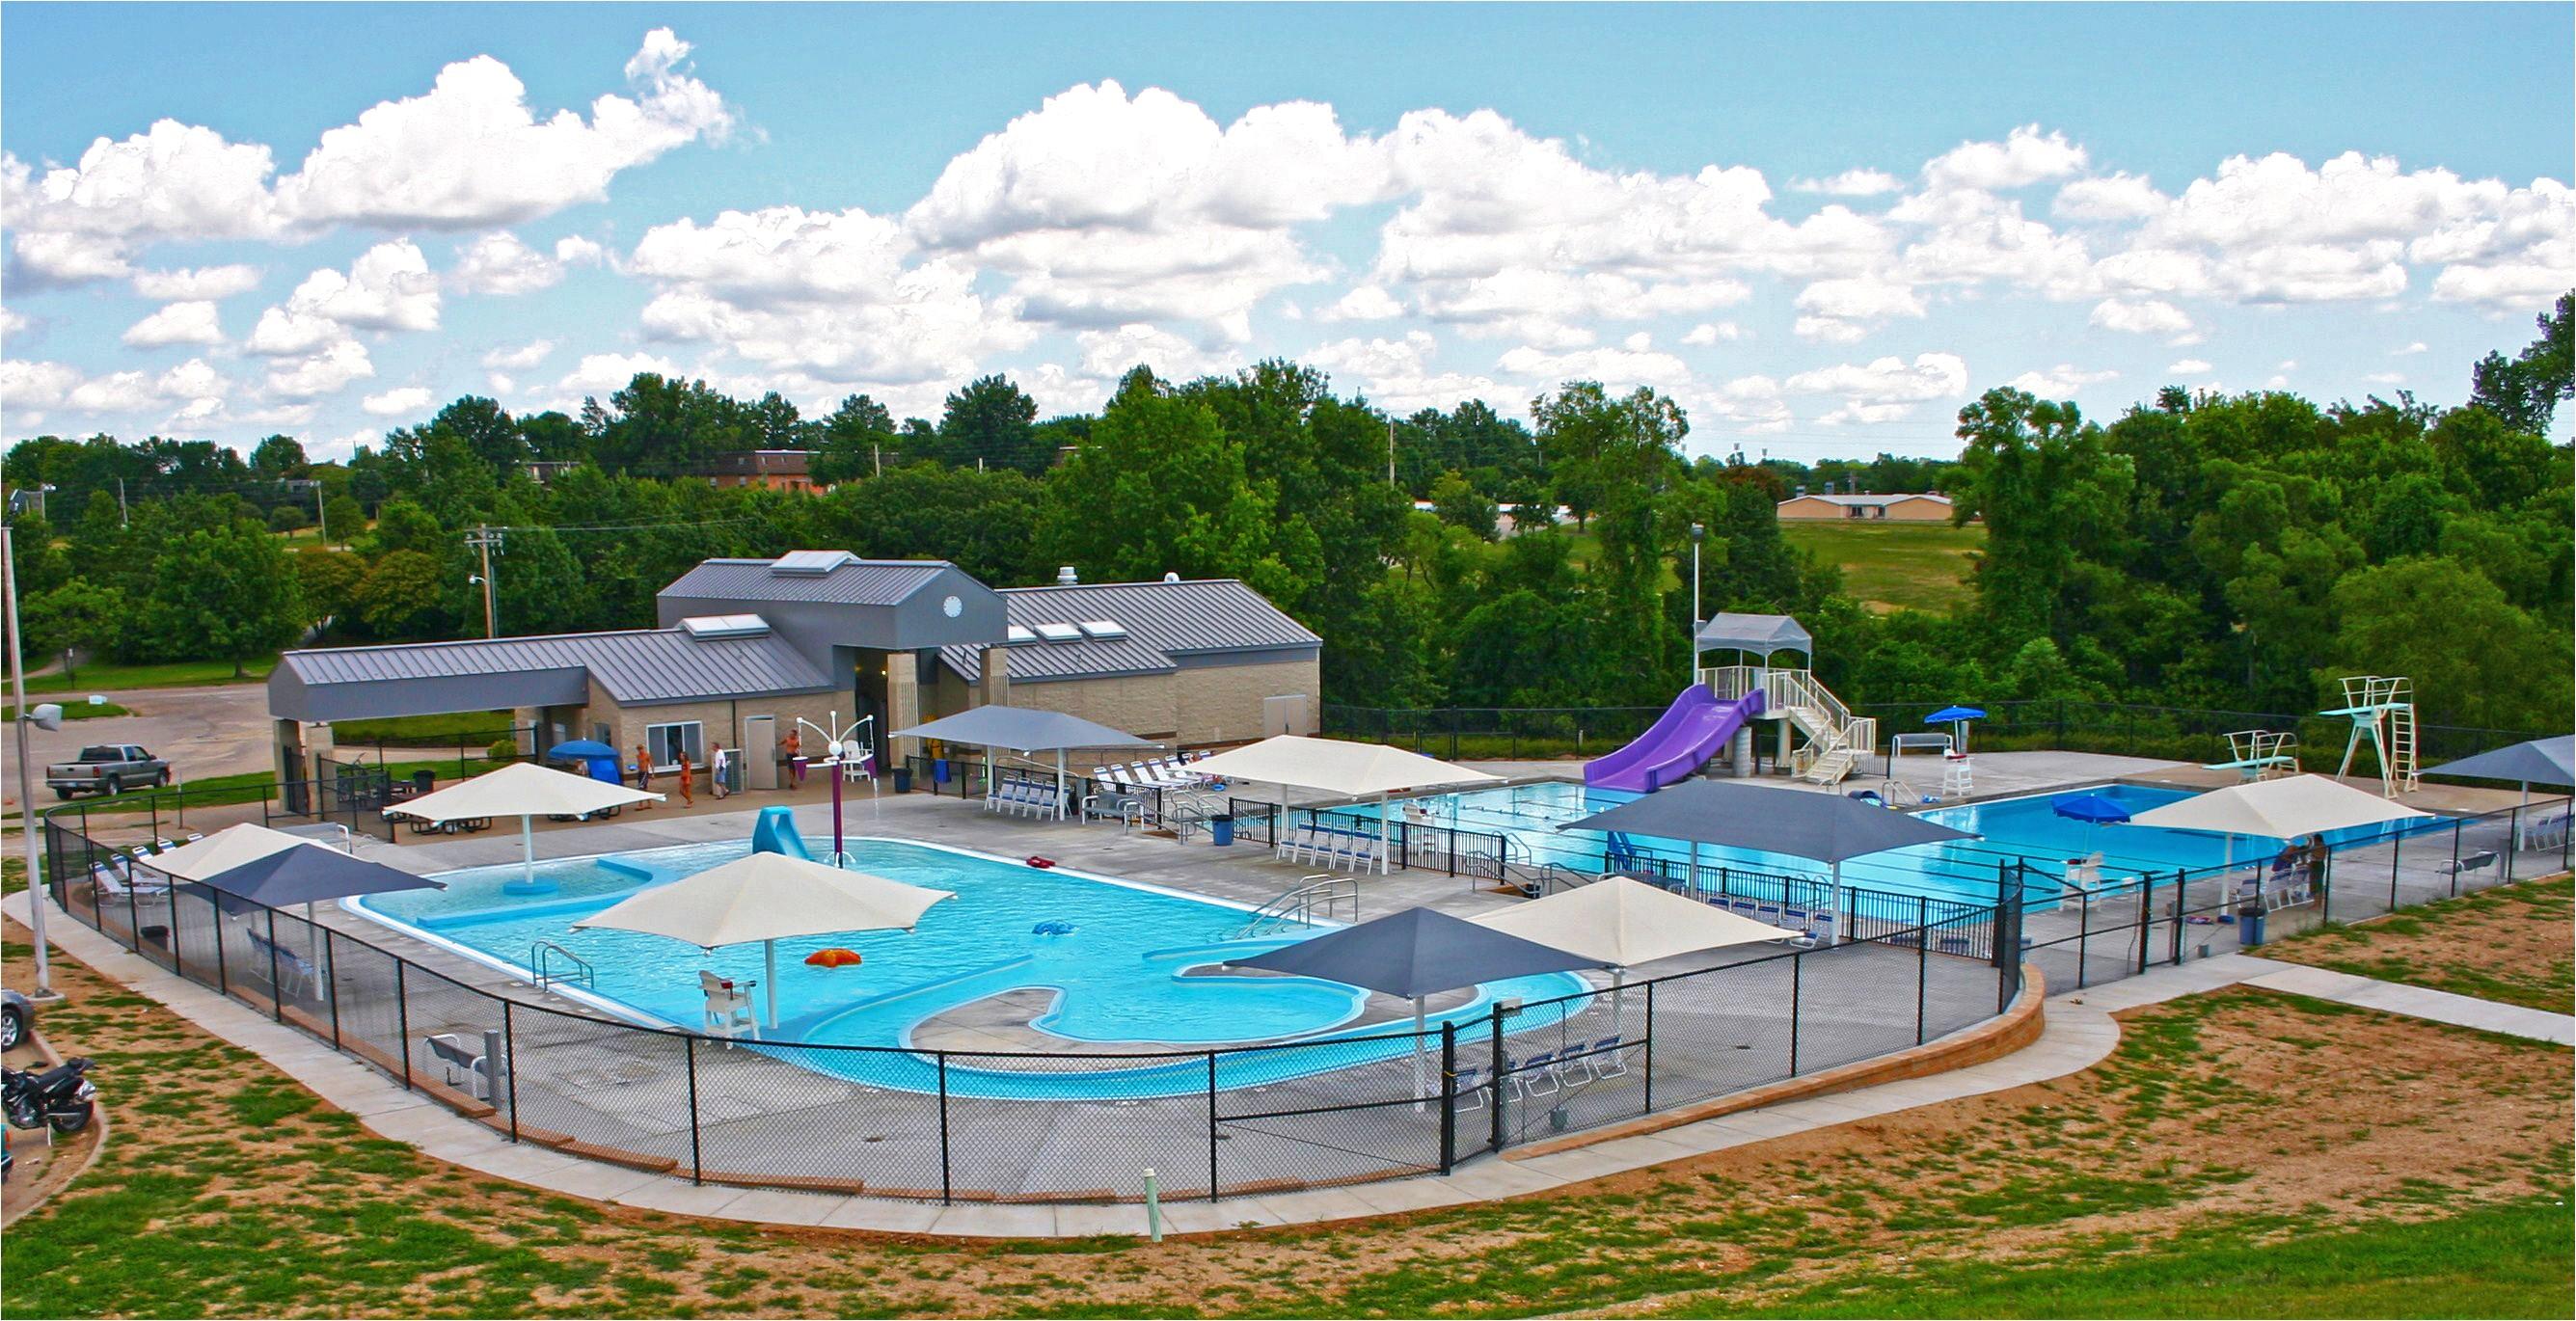 cico park aquatic center